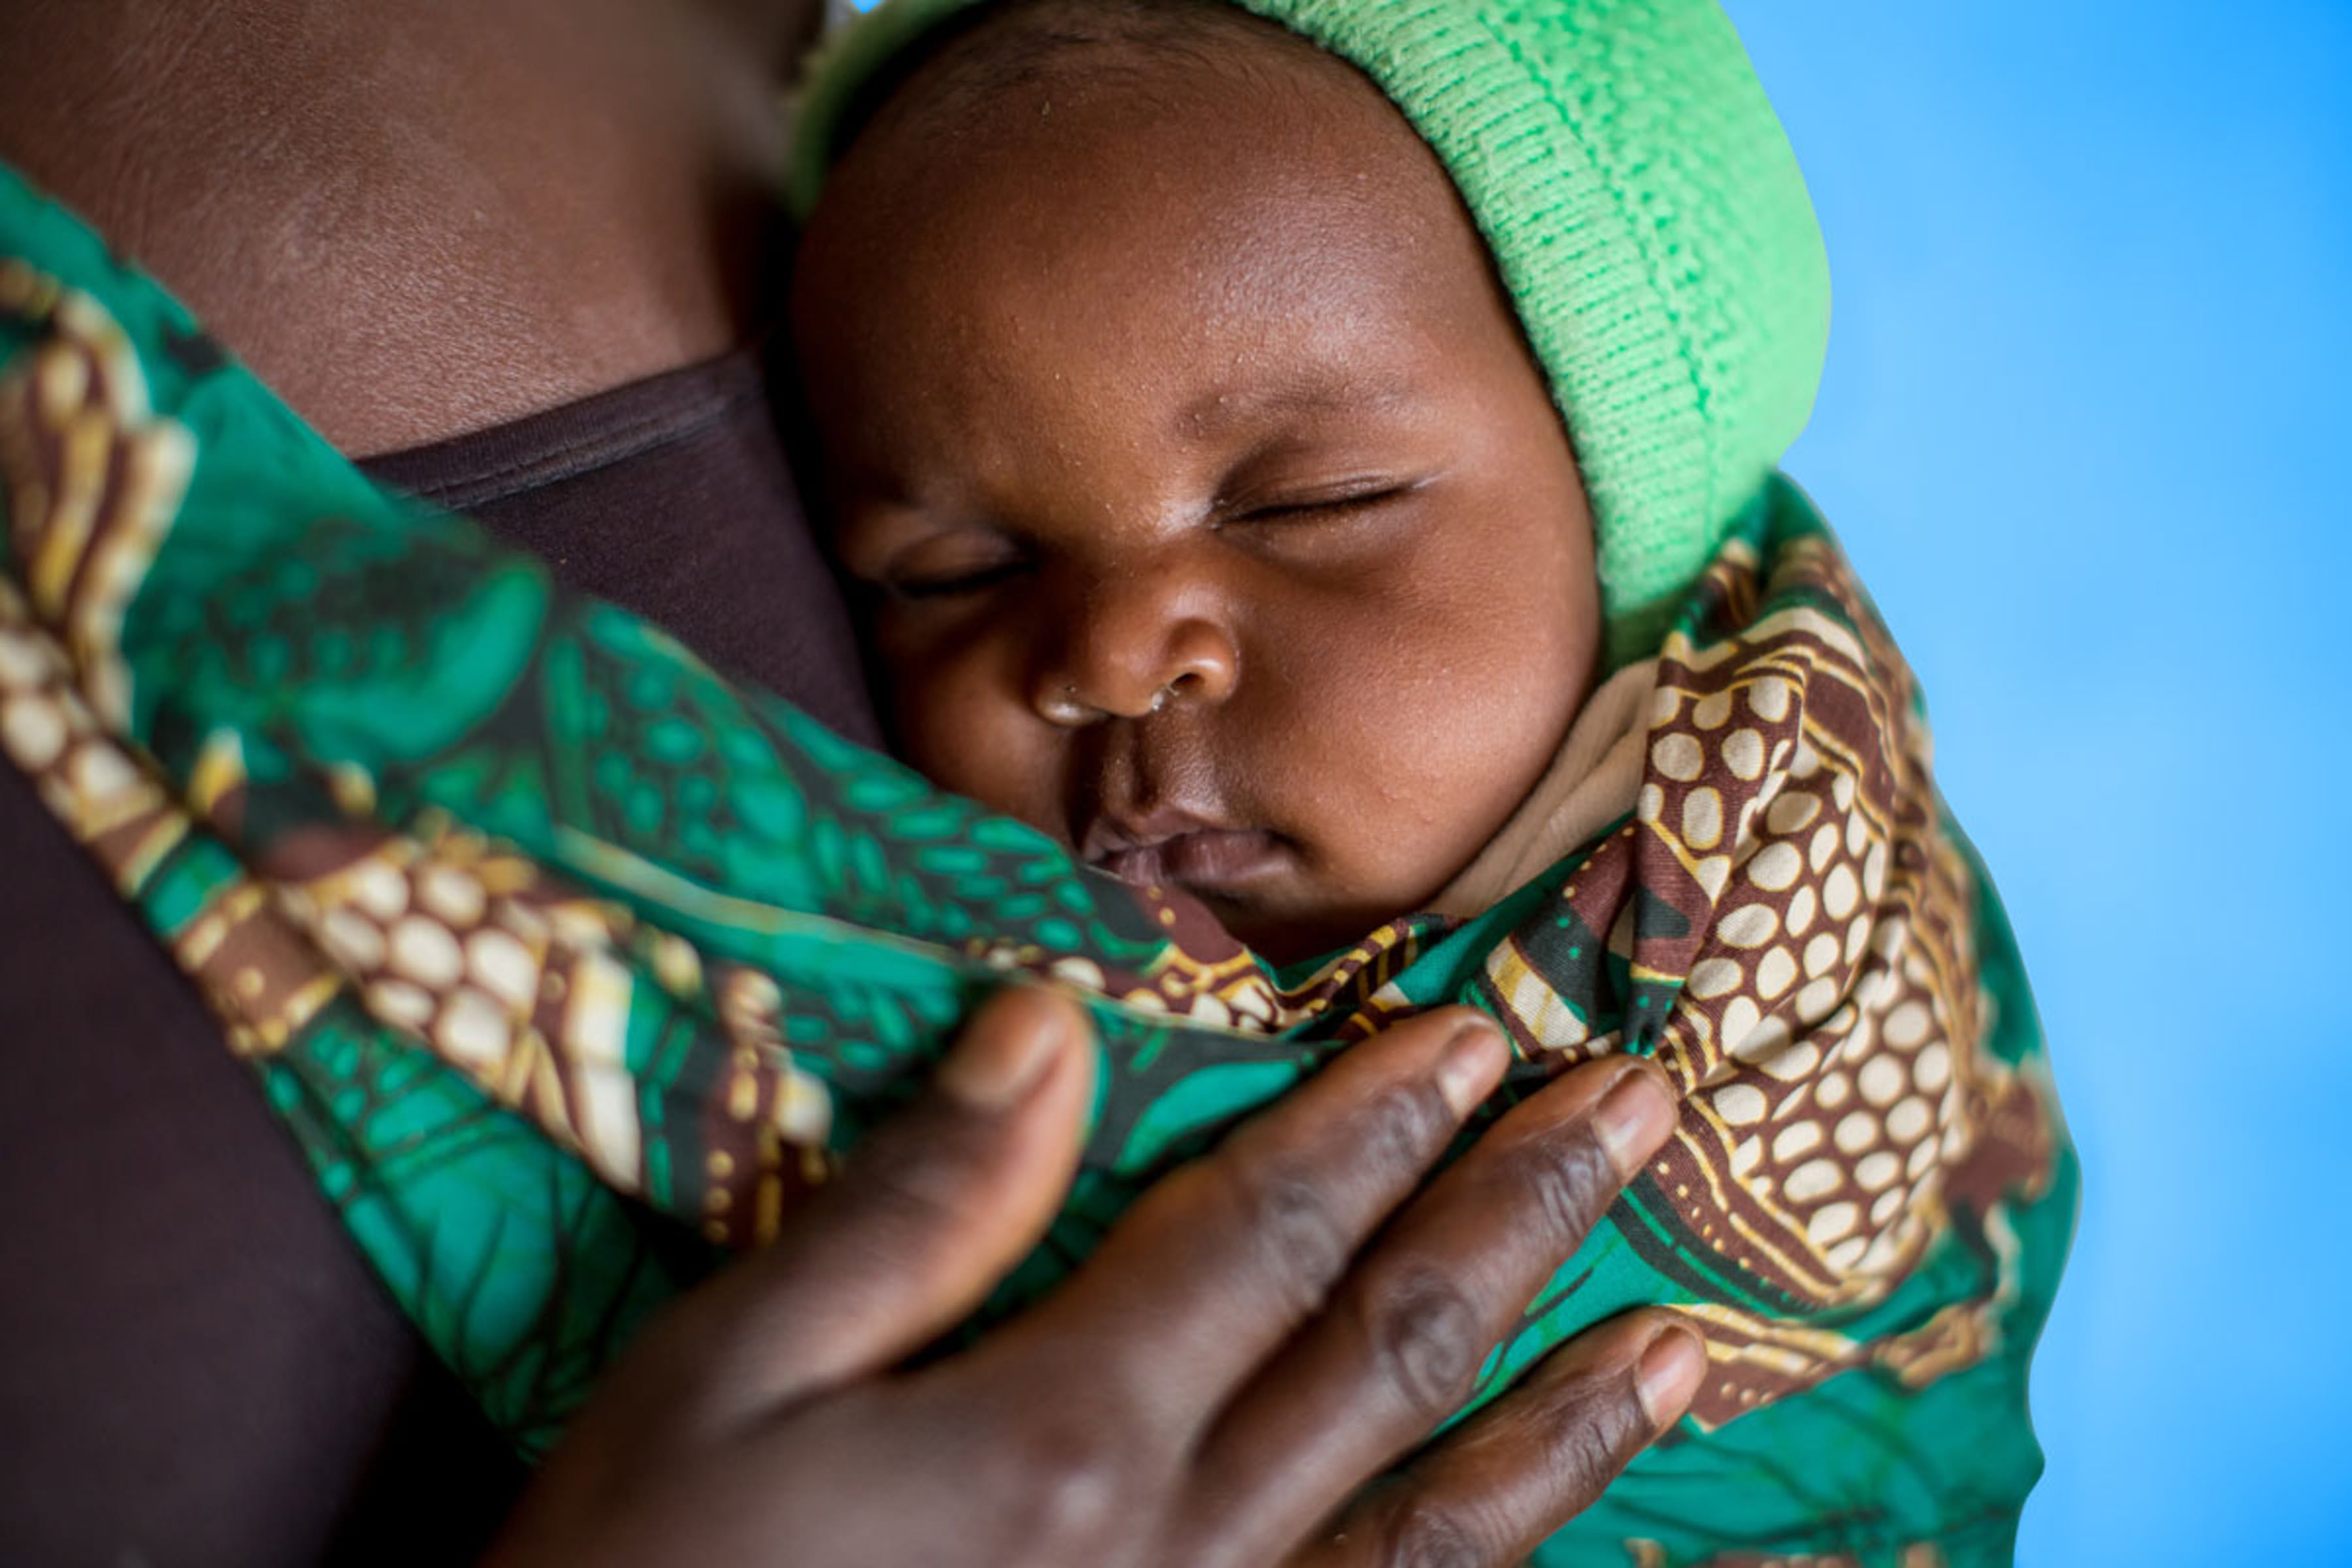 Mamma e bambino al centro sanitario Mfuta nella città di Kasenga (Repubblica Democratica del Congo) - ©UNICEF/UN0136851/Schermbrucker